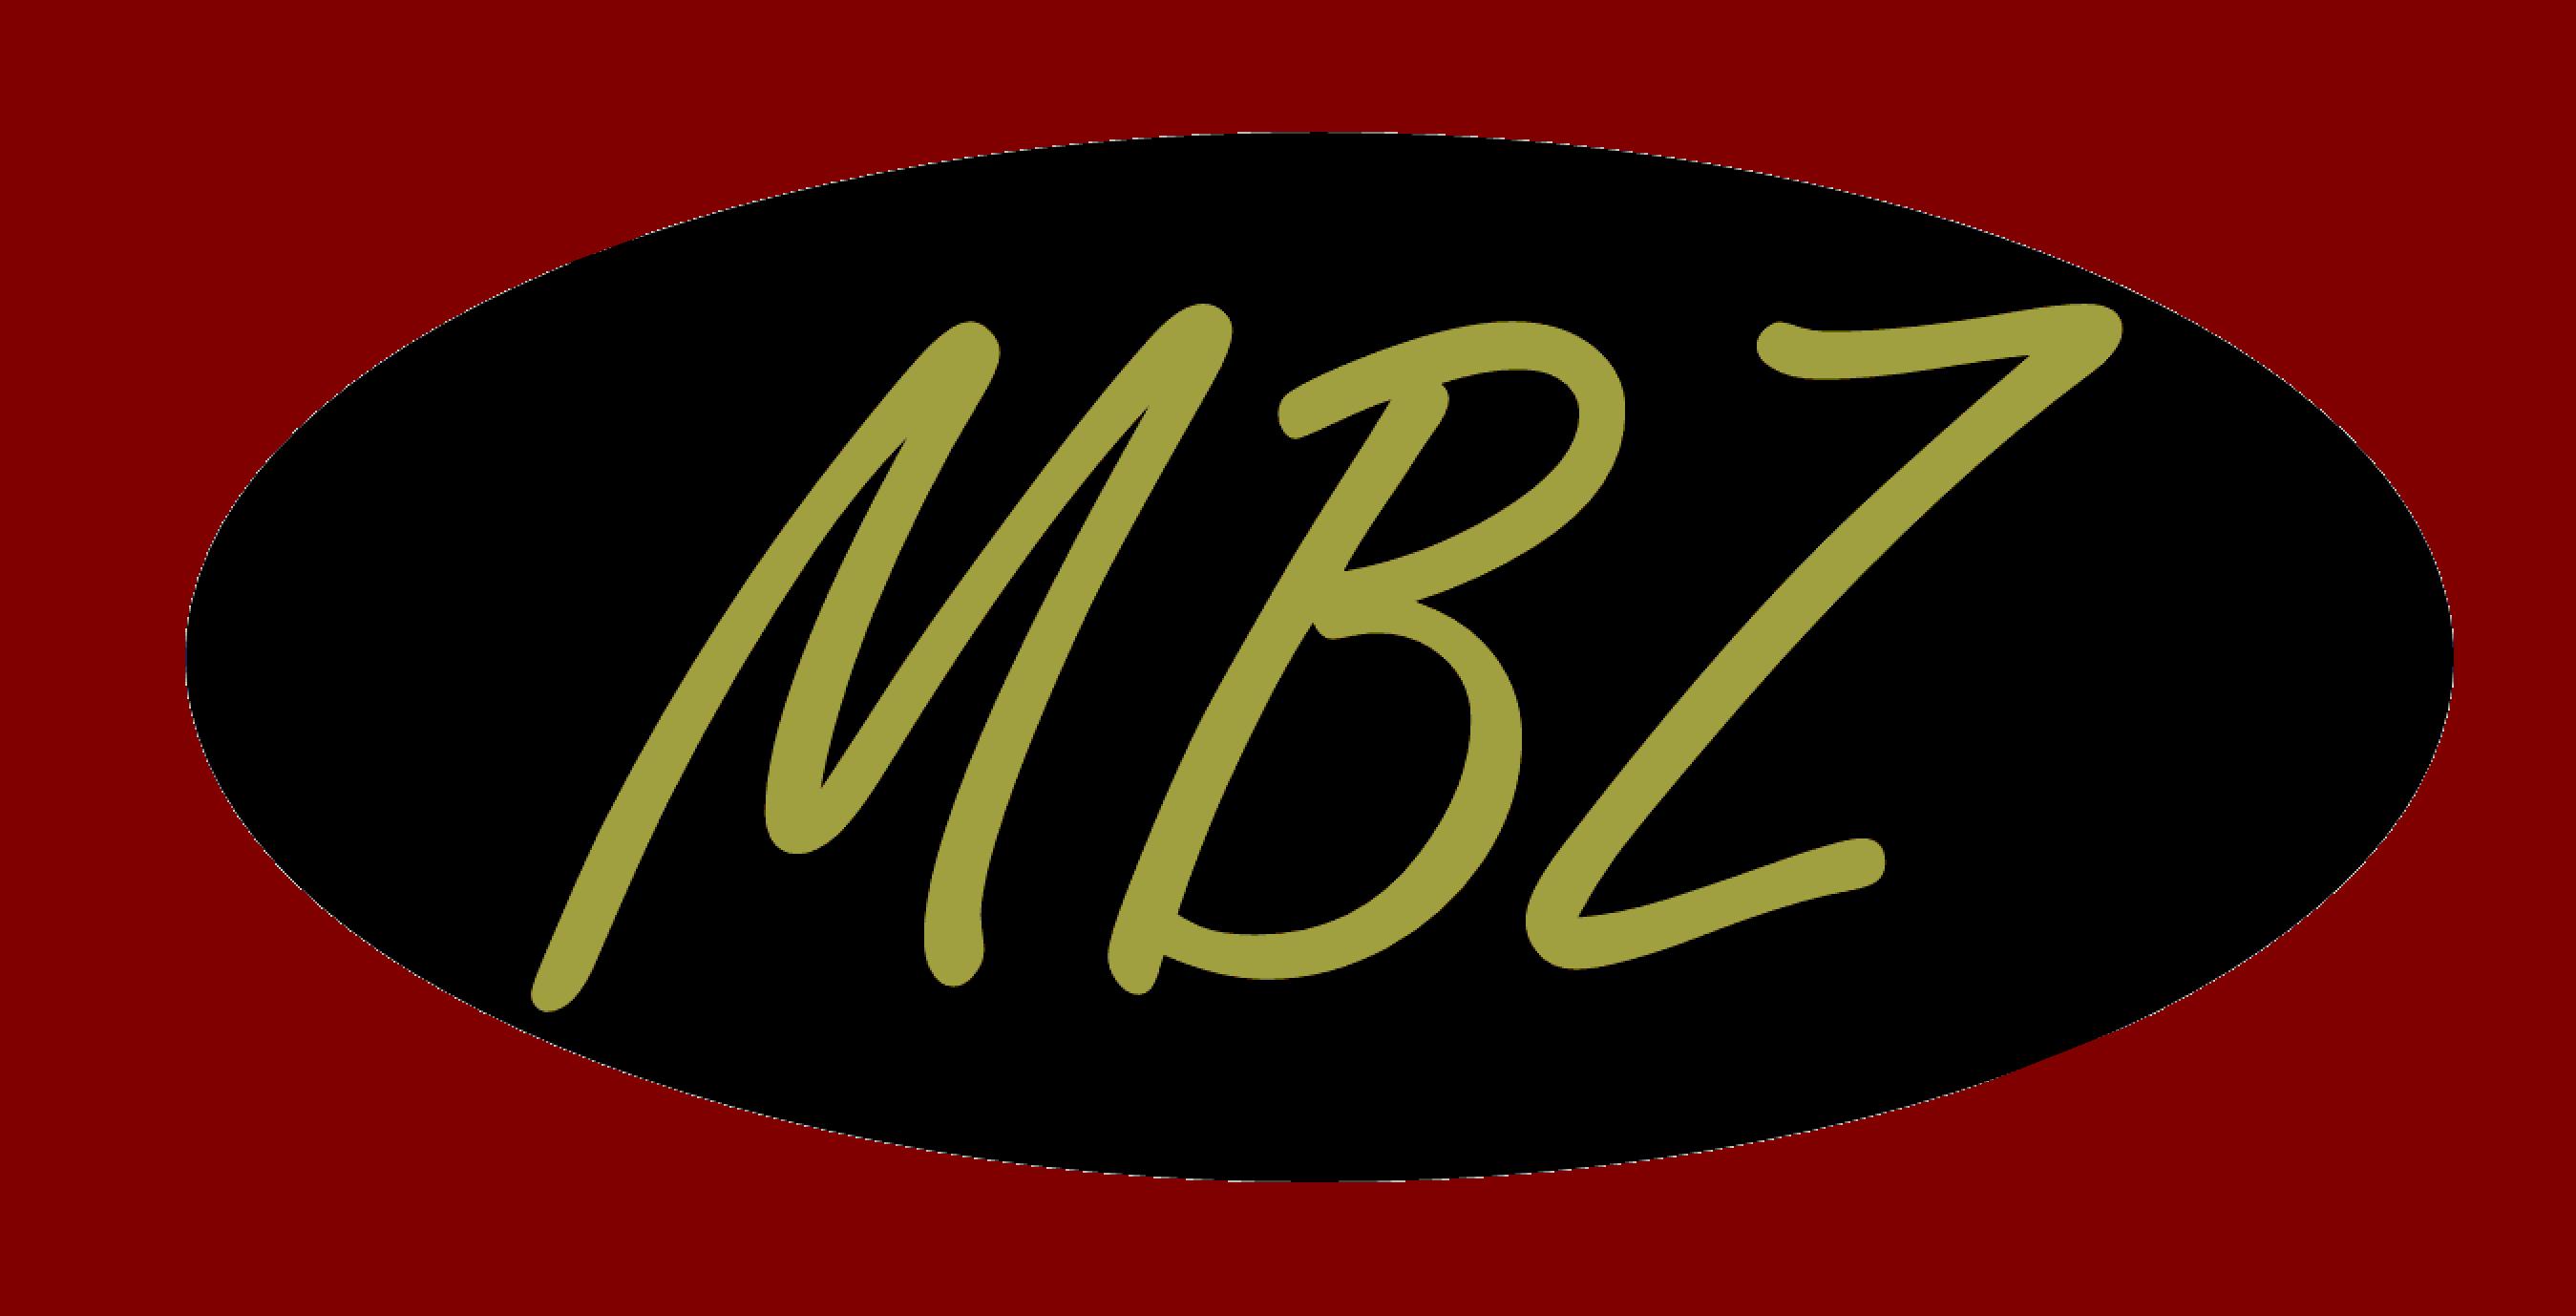 Mbz churros